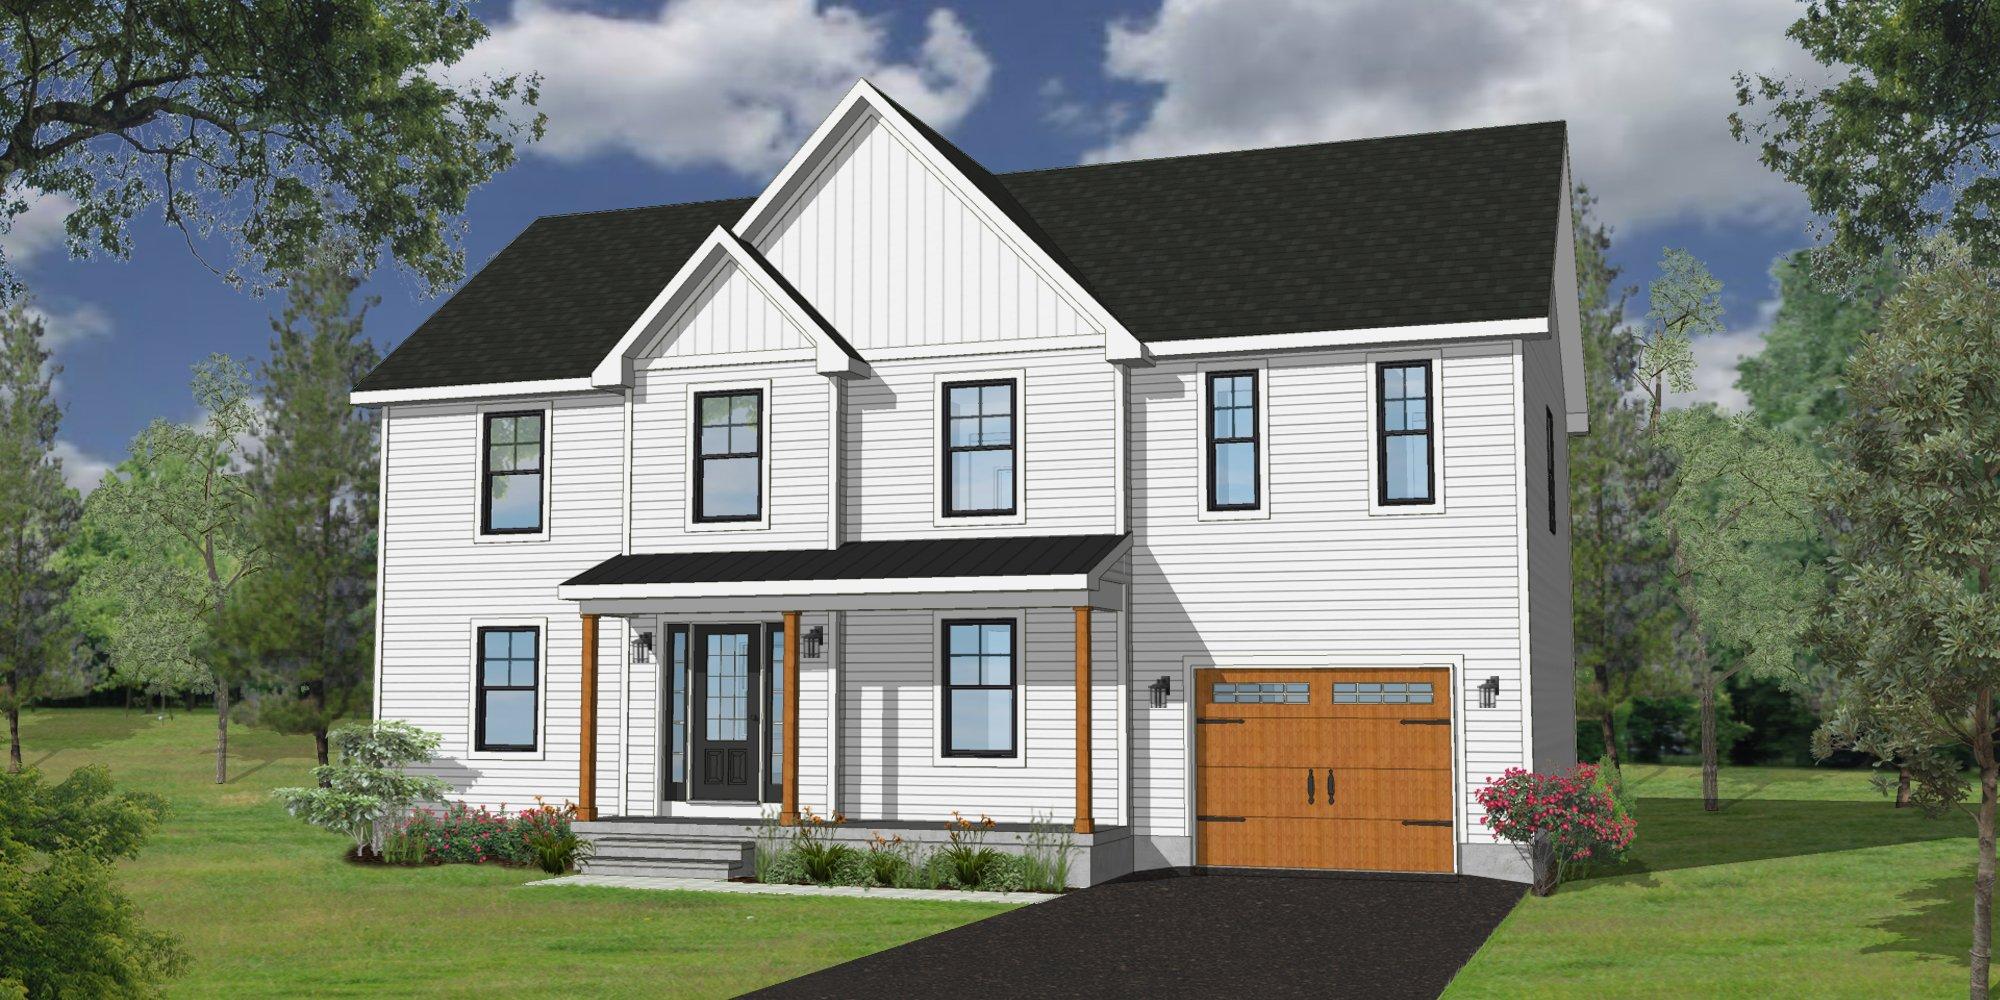 Hideaway Hills Apenzell II Home Design